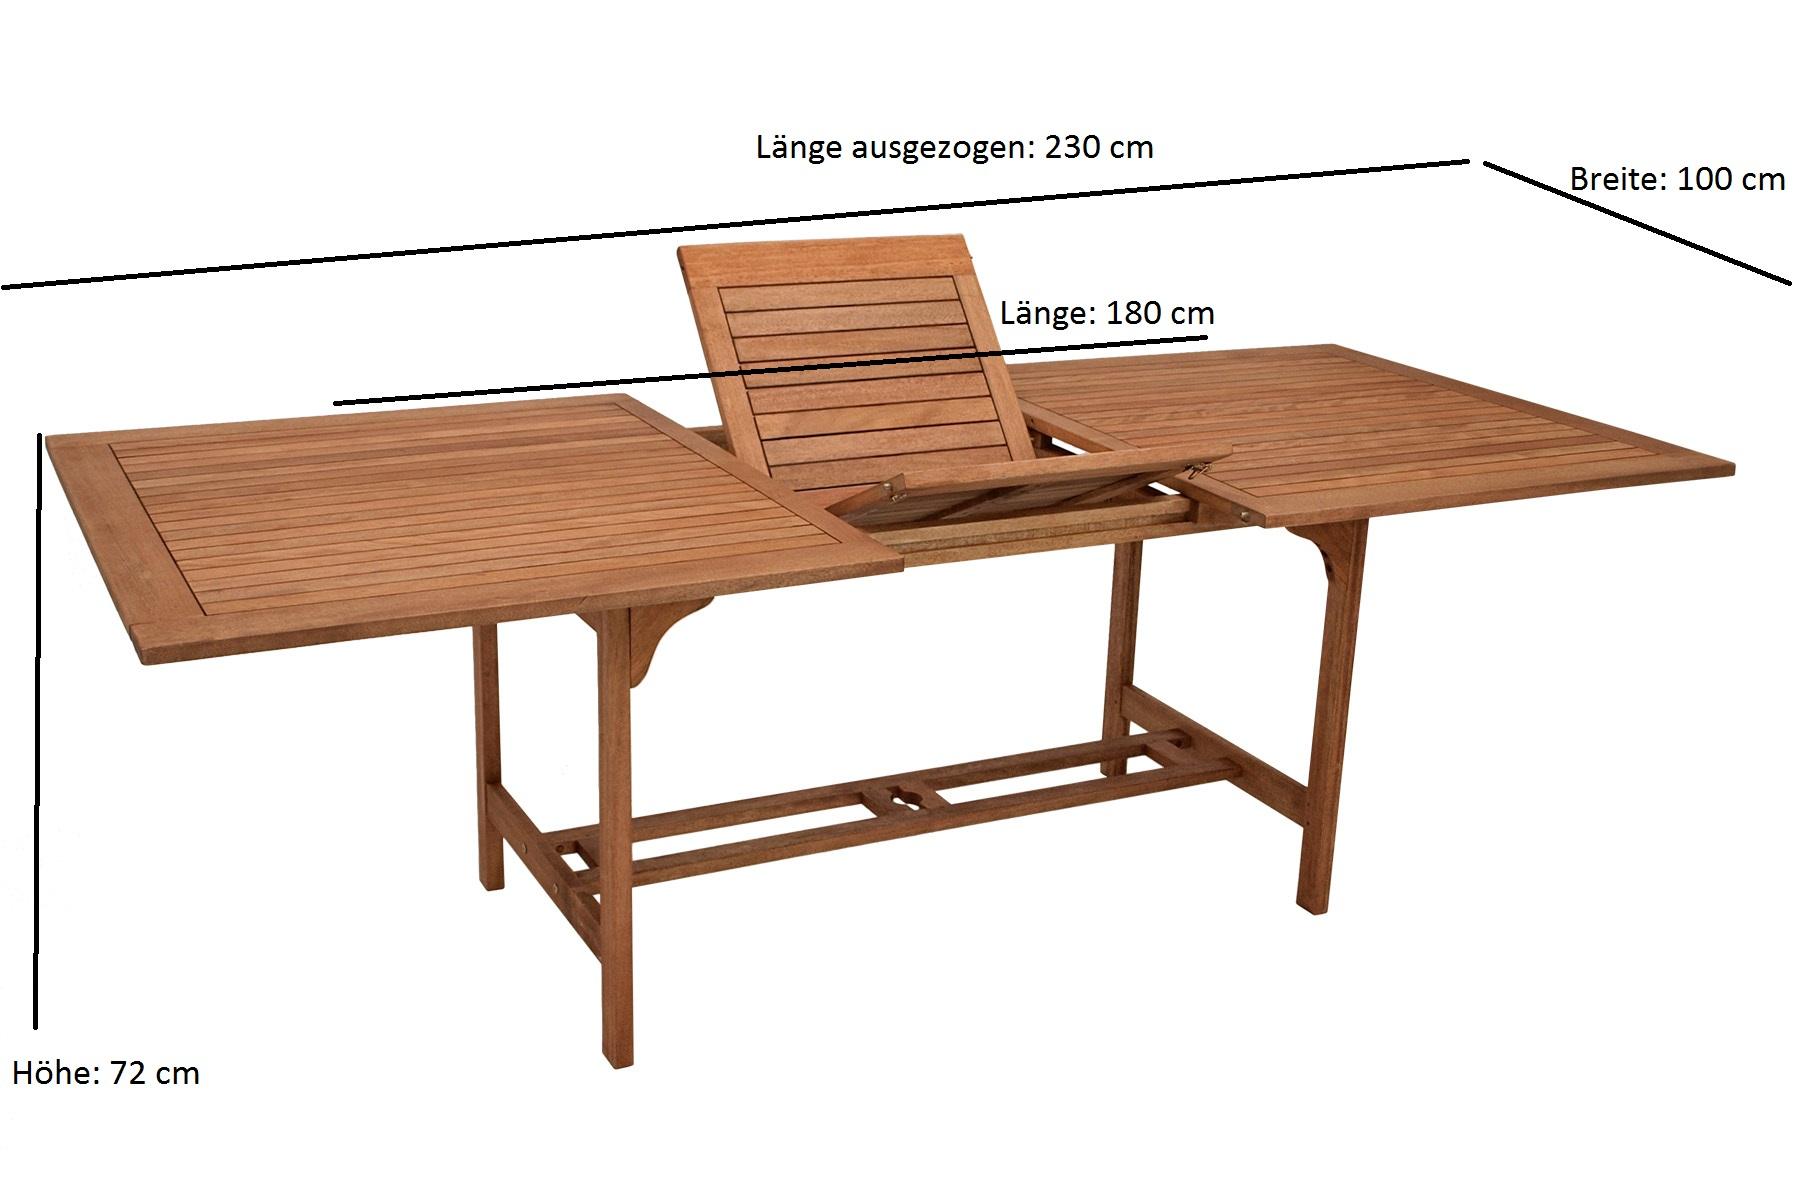 Ausziehtisch 180/230x100cm, Eukalyptus geölt, FSC®-zertifiziert